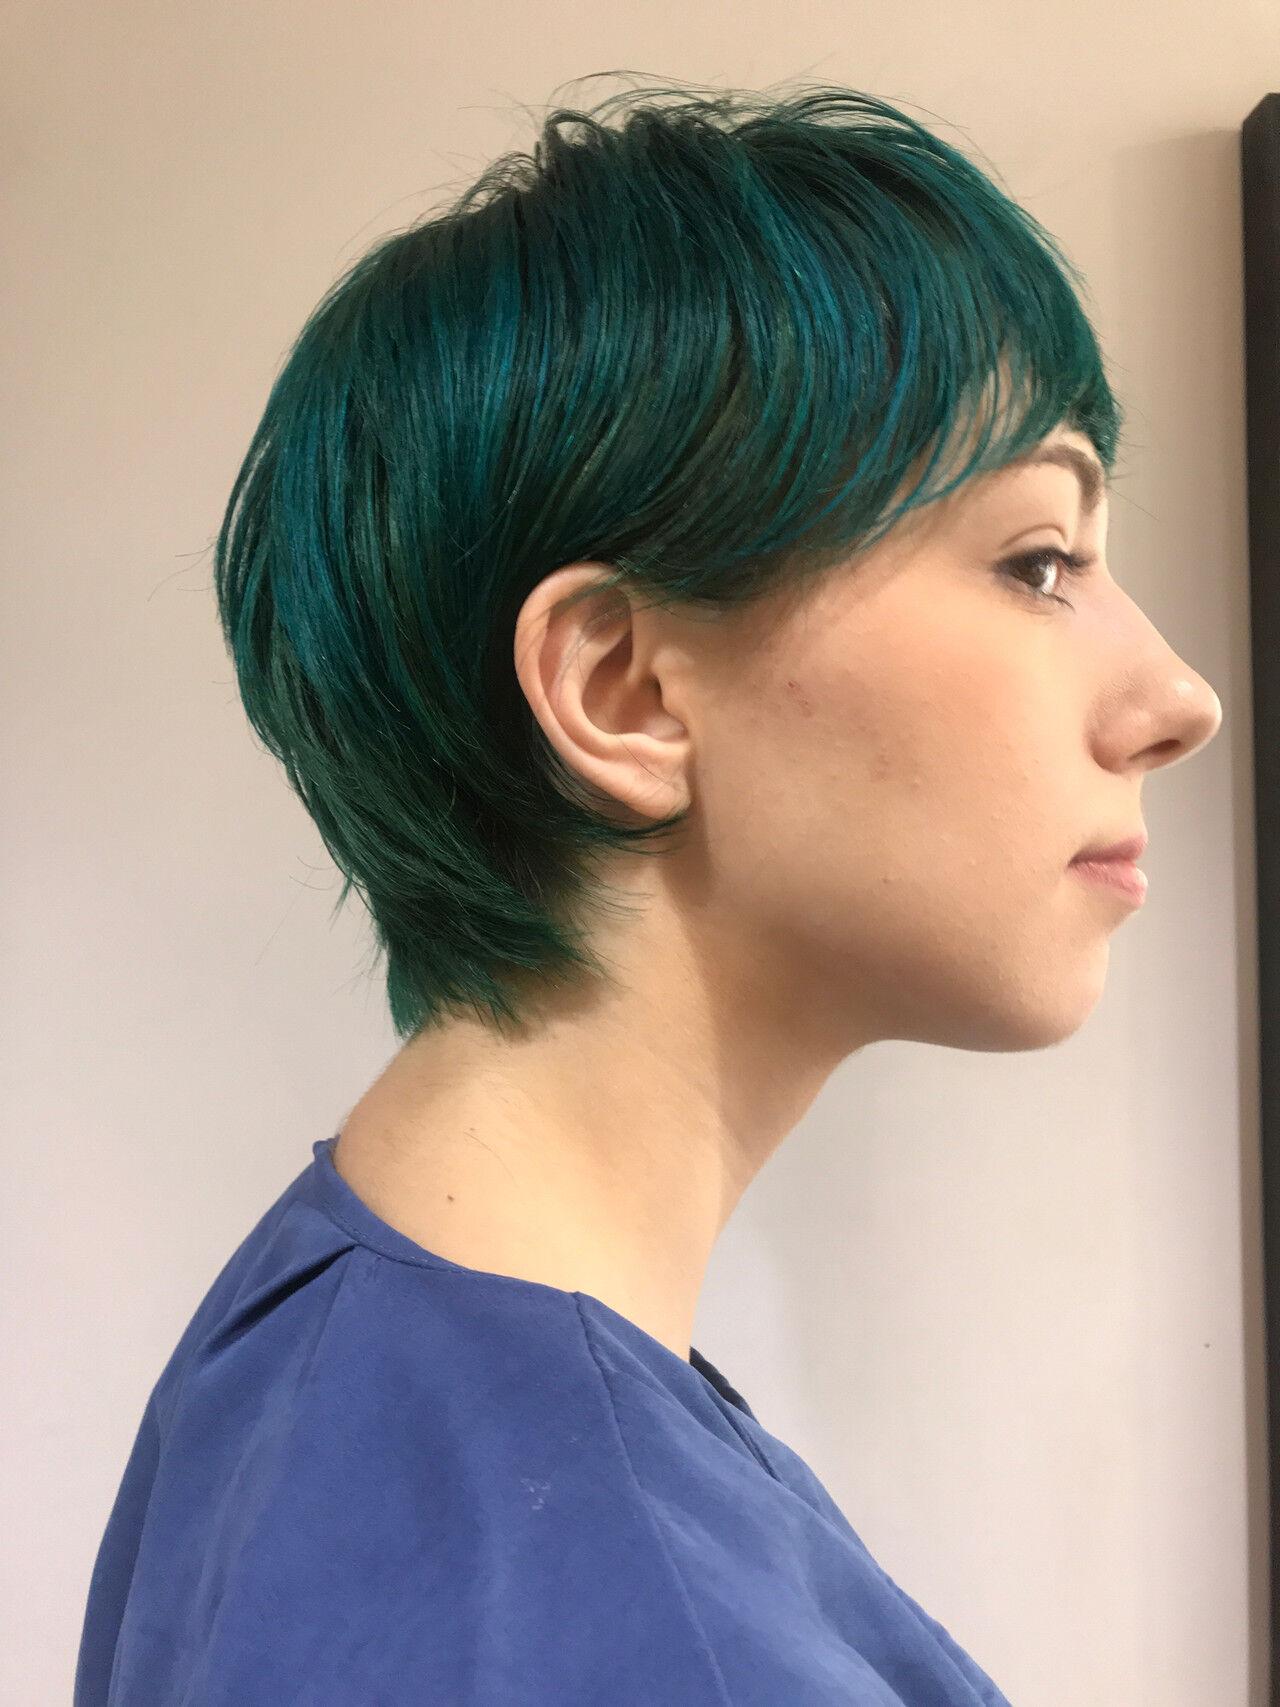 簡単ヘアアレンジ アンニュイほつれヘア ヘアアレンジ スポーツヘアスタイルや髪型の写真・画像